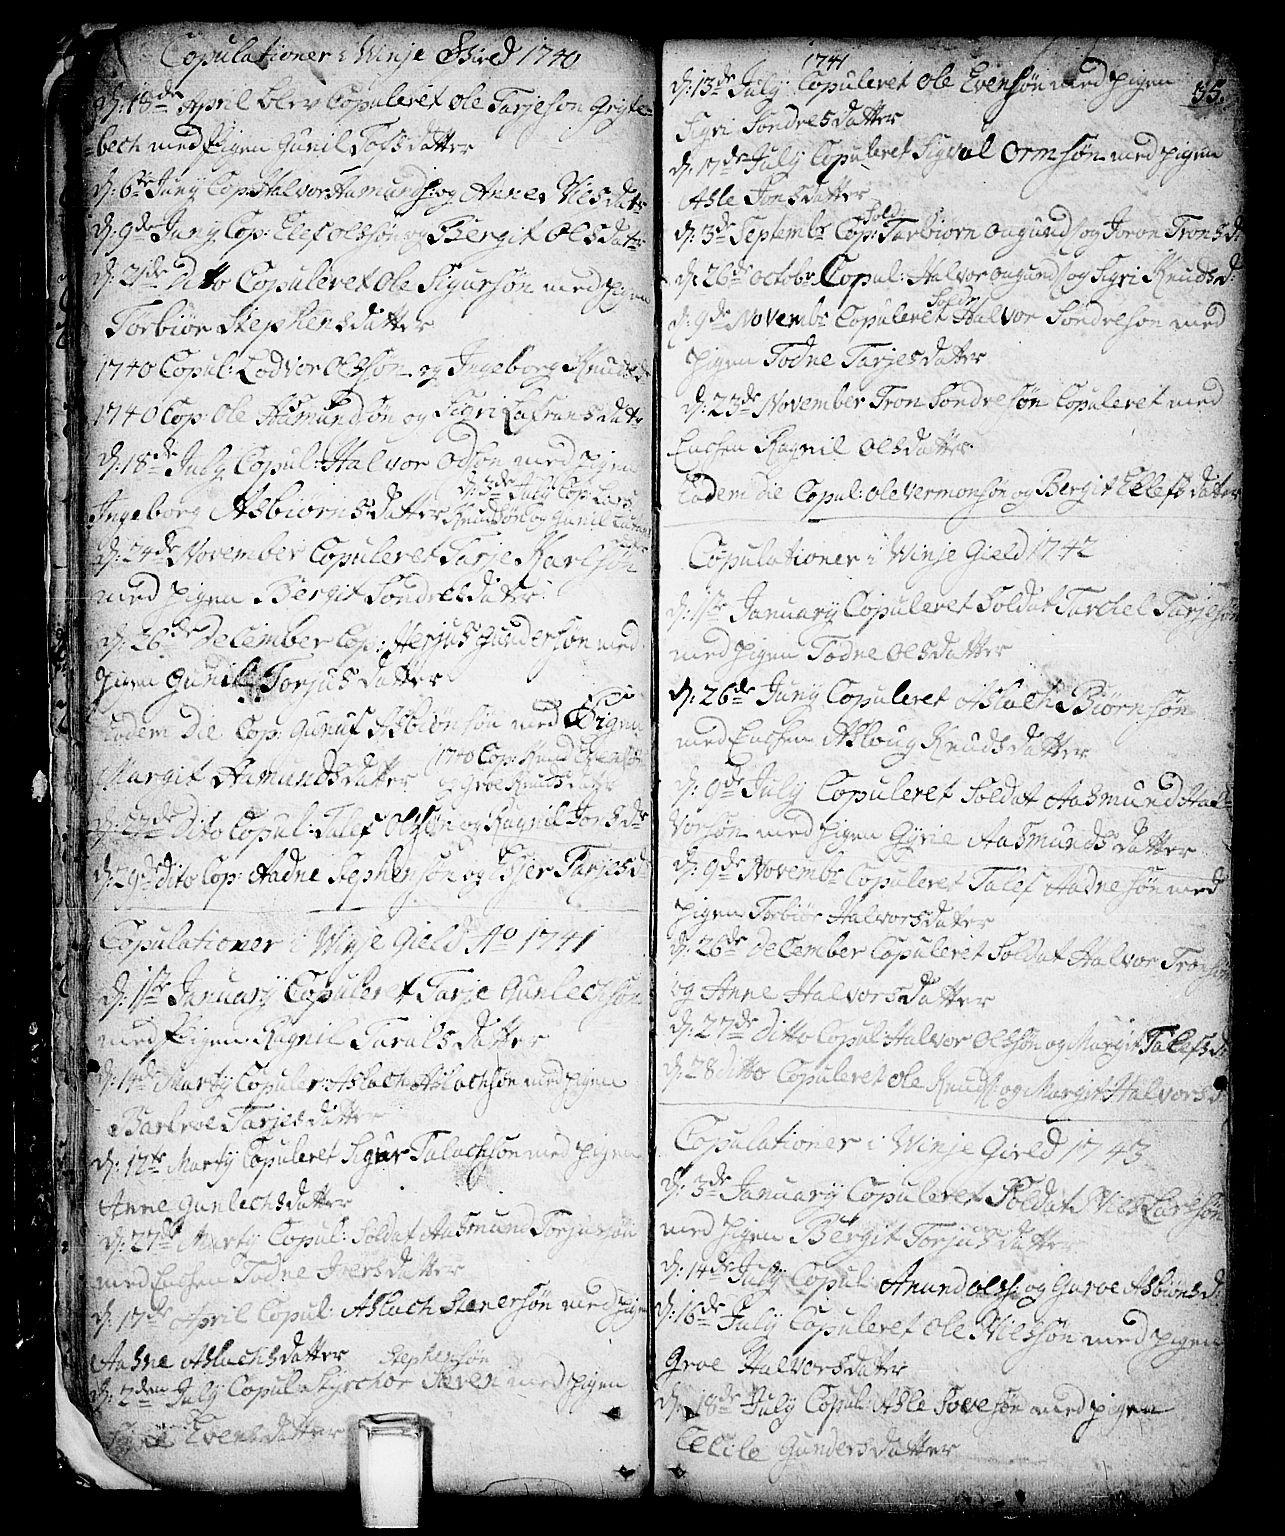 SAKO, Vinje kirkebøker, F/Fa/L0001: Ministerialbok nr. I 1, 1717-1766, s. 35